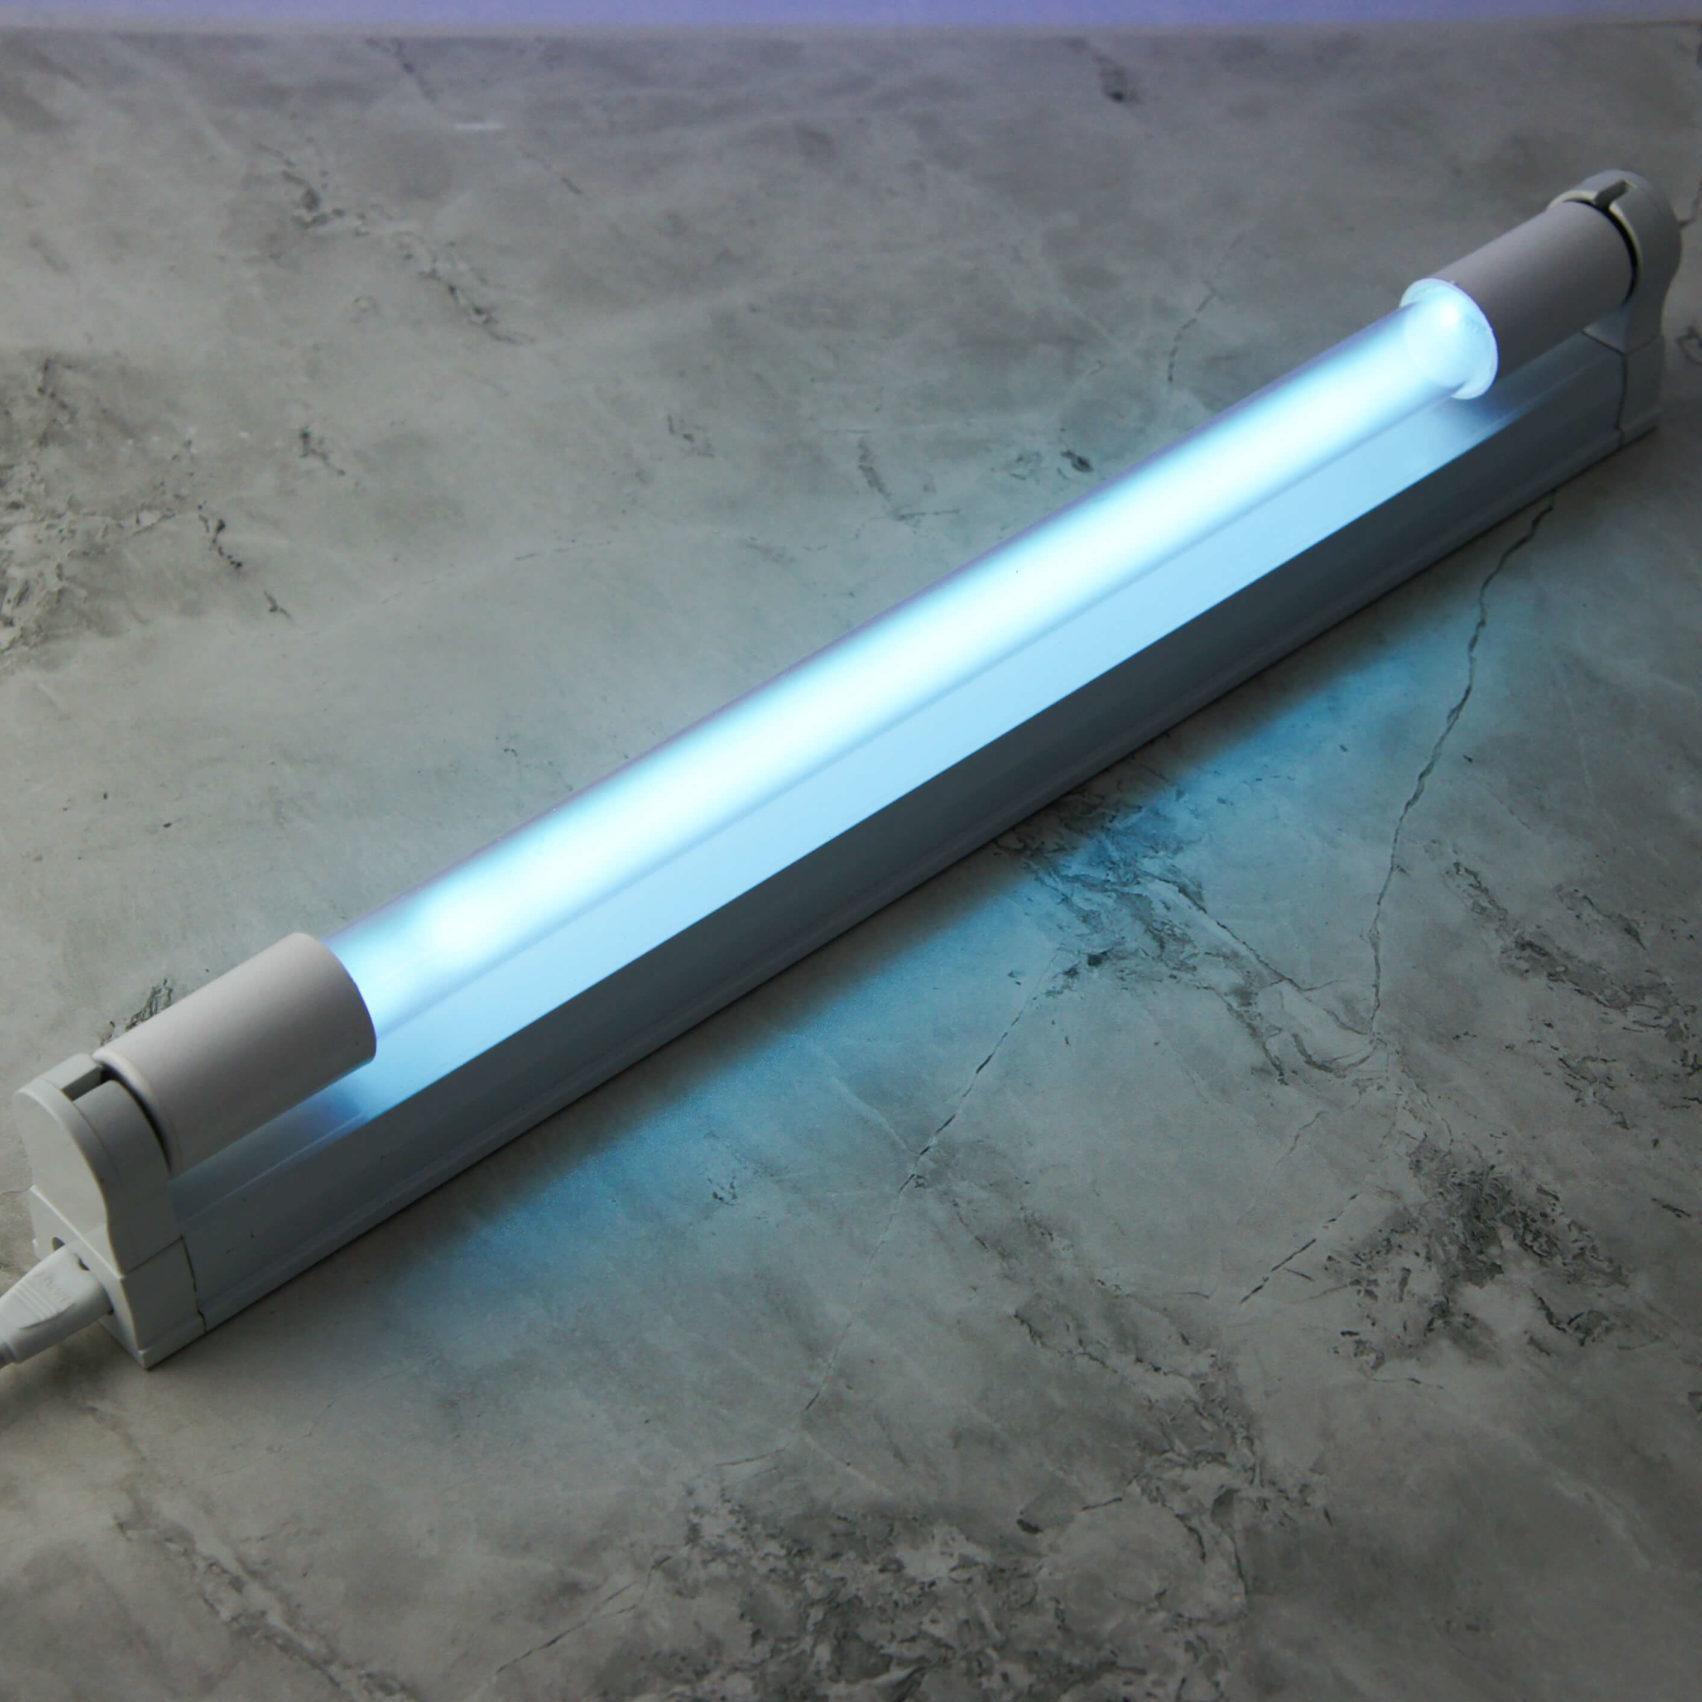 УФ лампа очиститель для воздуха 10W, G13, 331mm